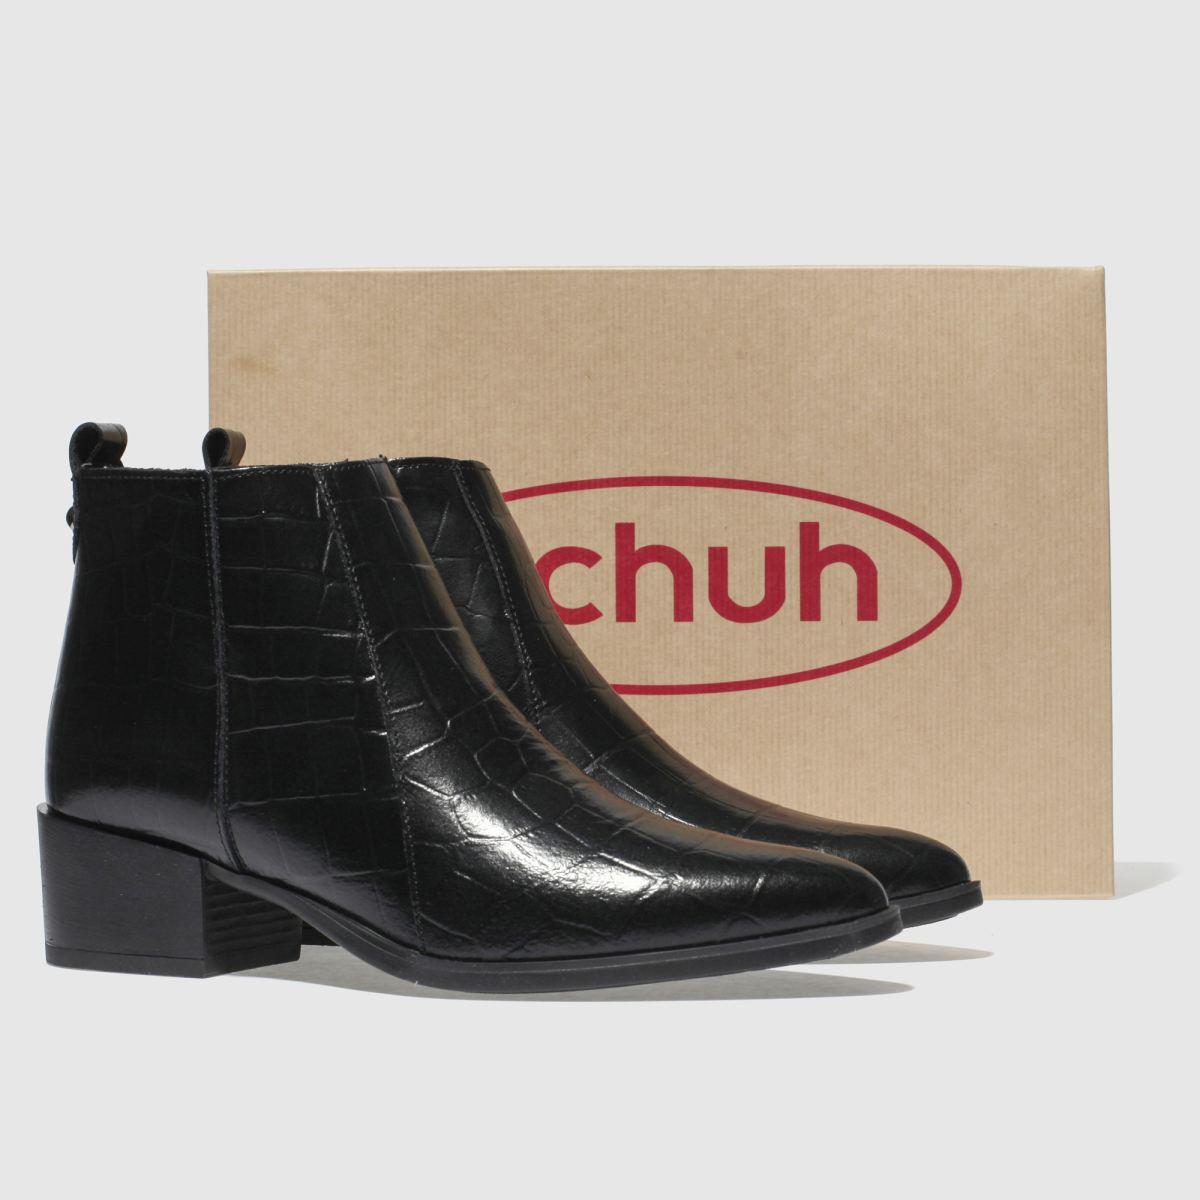 Damen Schwarz Gute schuh Lyle Boots | schuh Gute Schwarz Qualität beliebte Schuhe db5650